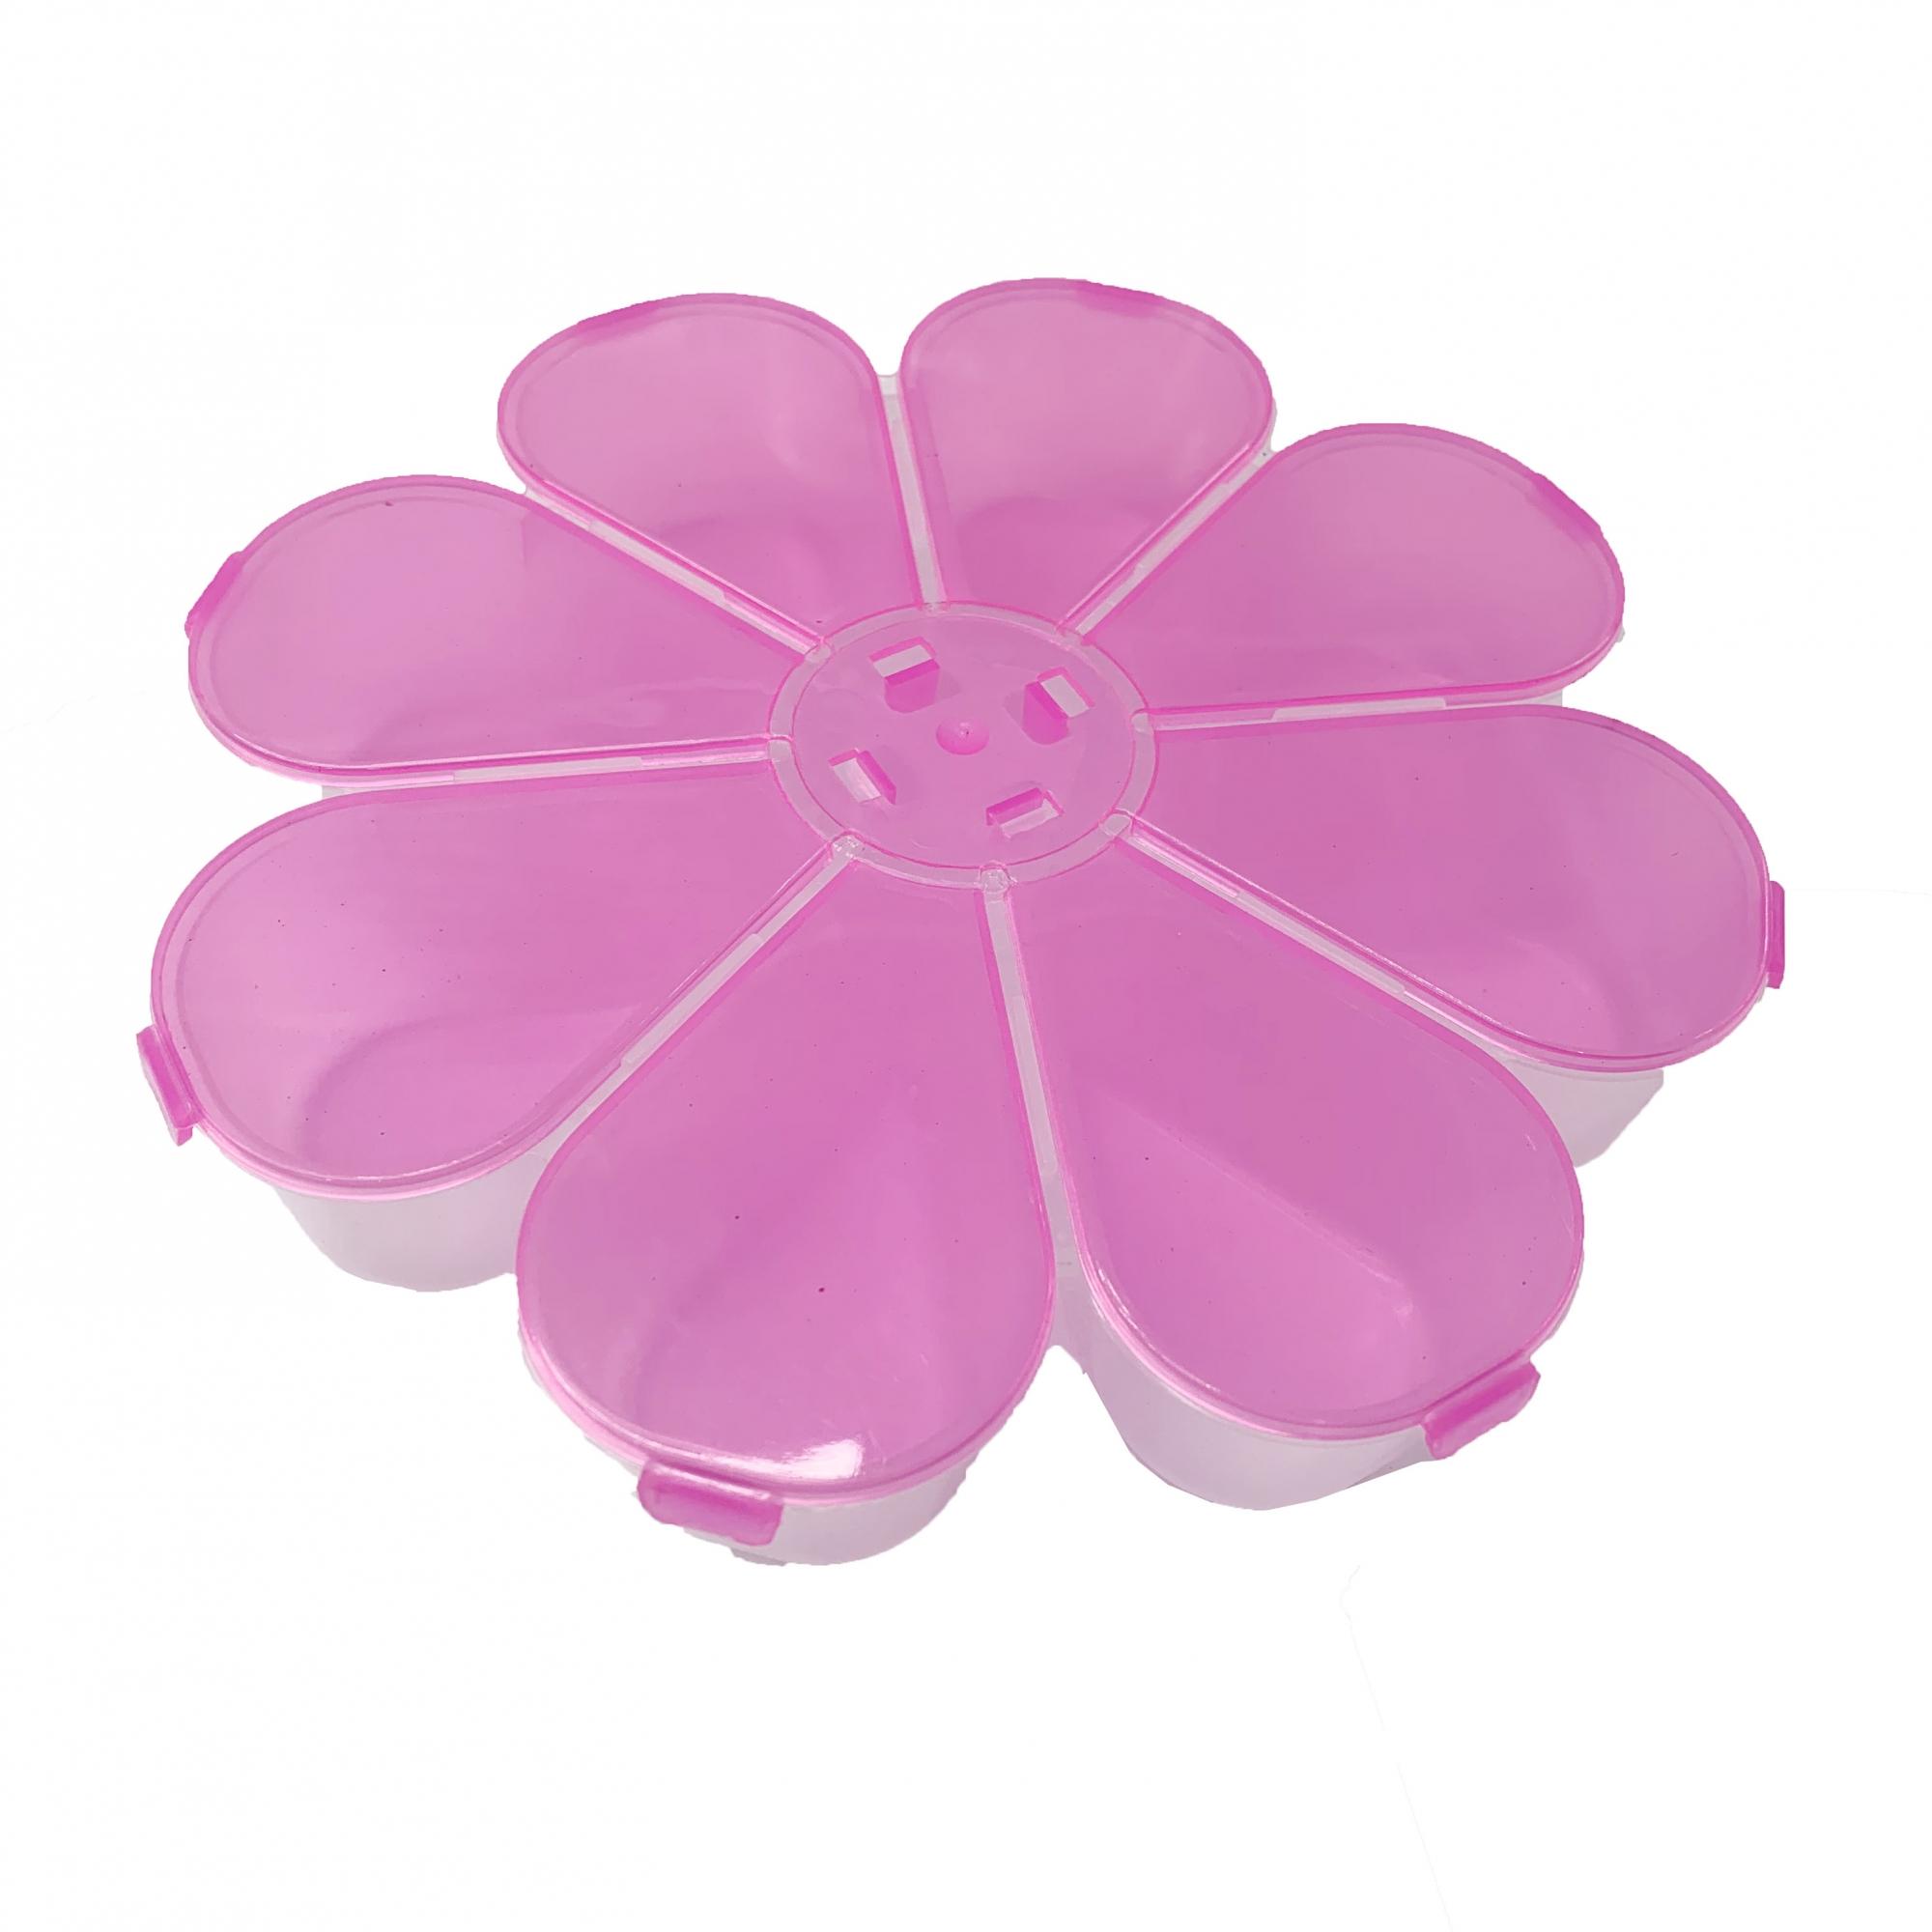 Caixa Organizadora Flor - Rosa Transparente  - Universo Religioso® - Artigos de Umbanda e Candomblé